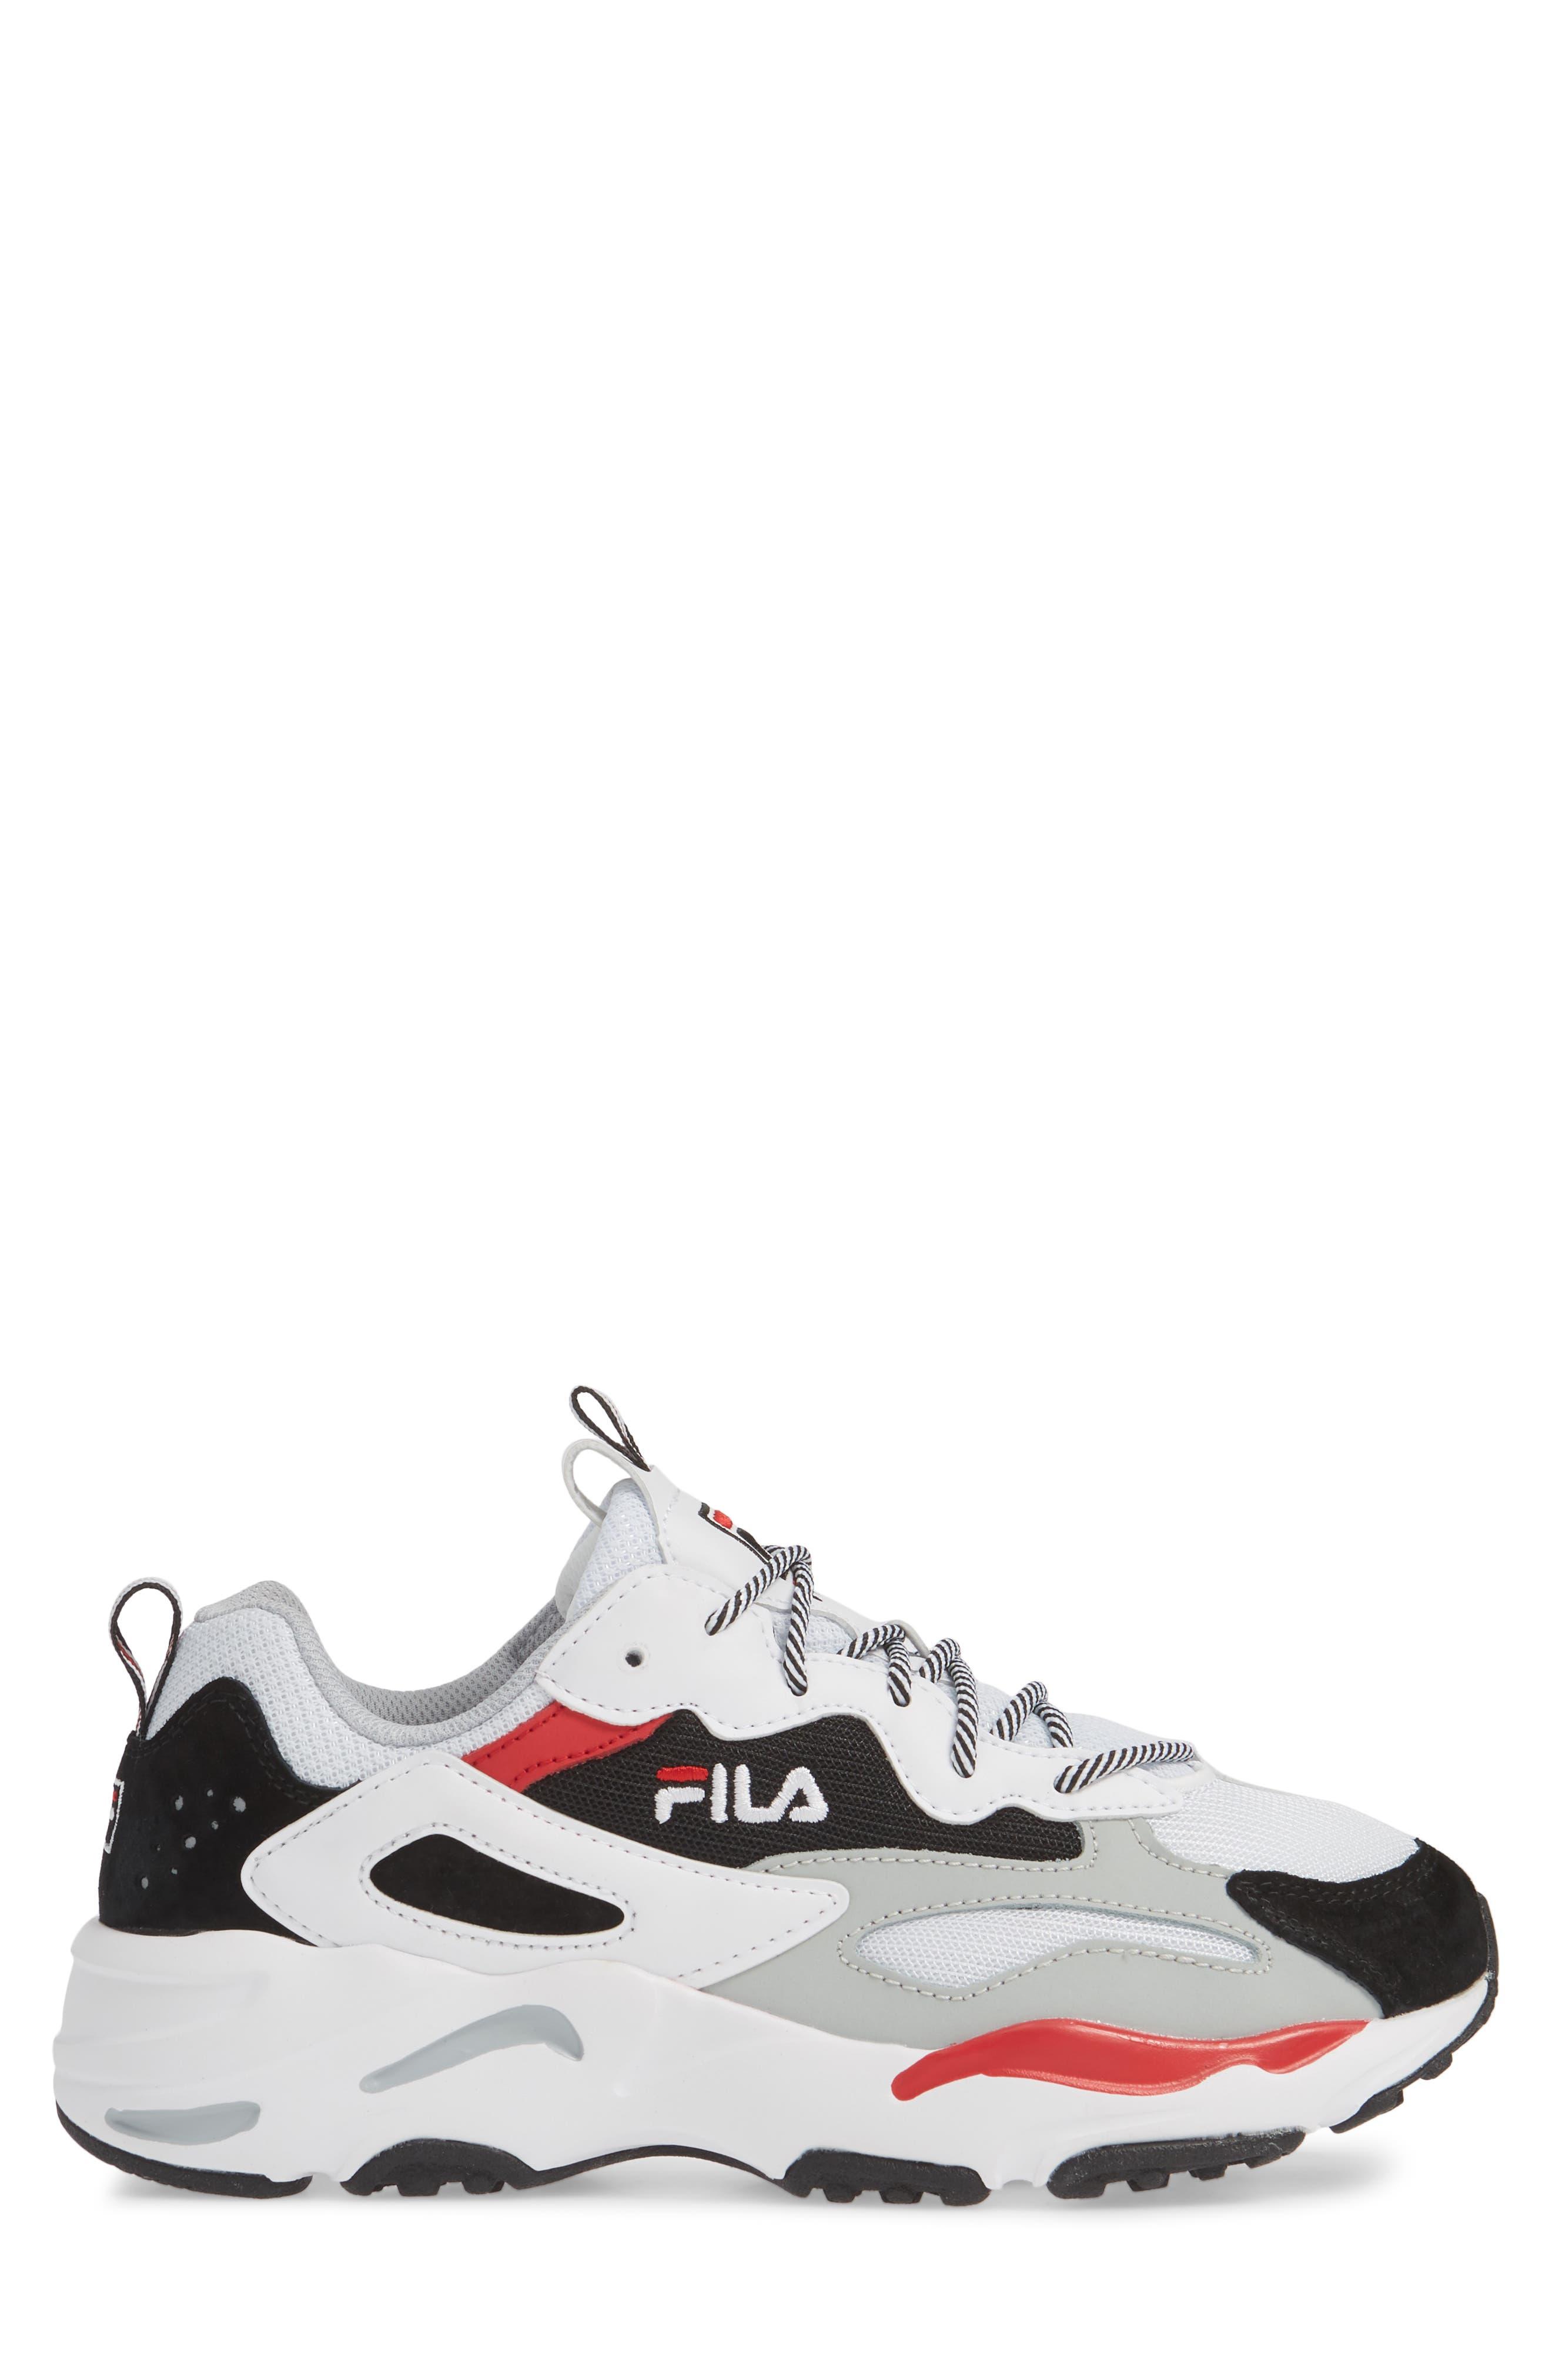 FILA, Ray Tracer Sneaker, Alternate thumbnail 3, color, WHITE/ BLACK